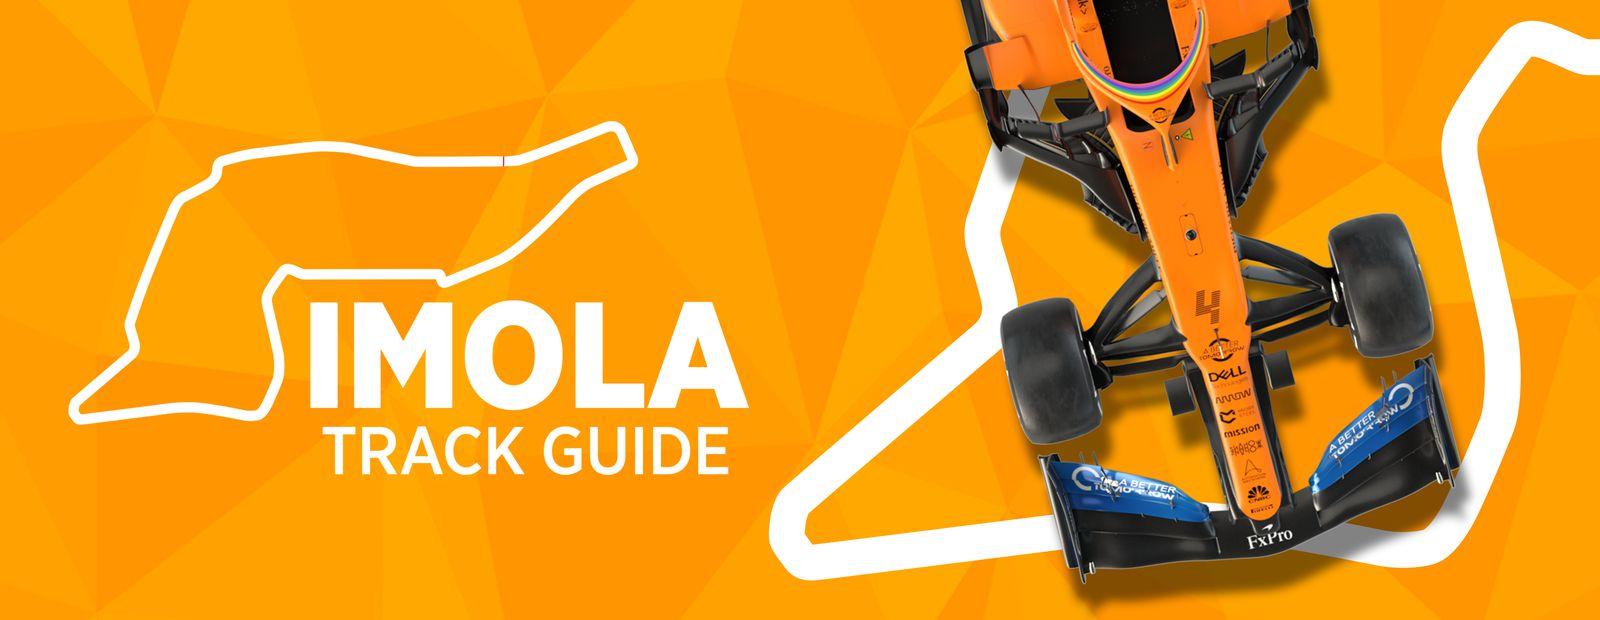 Imola track guide